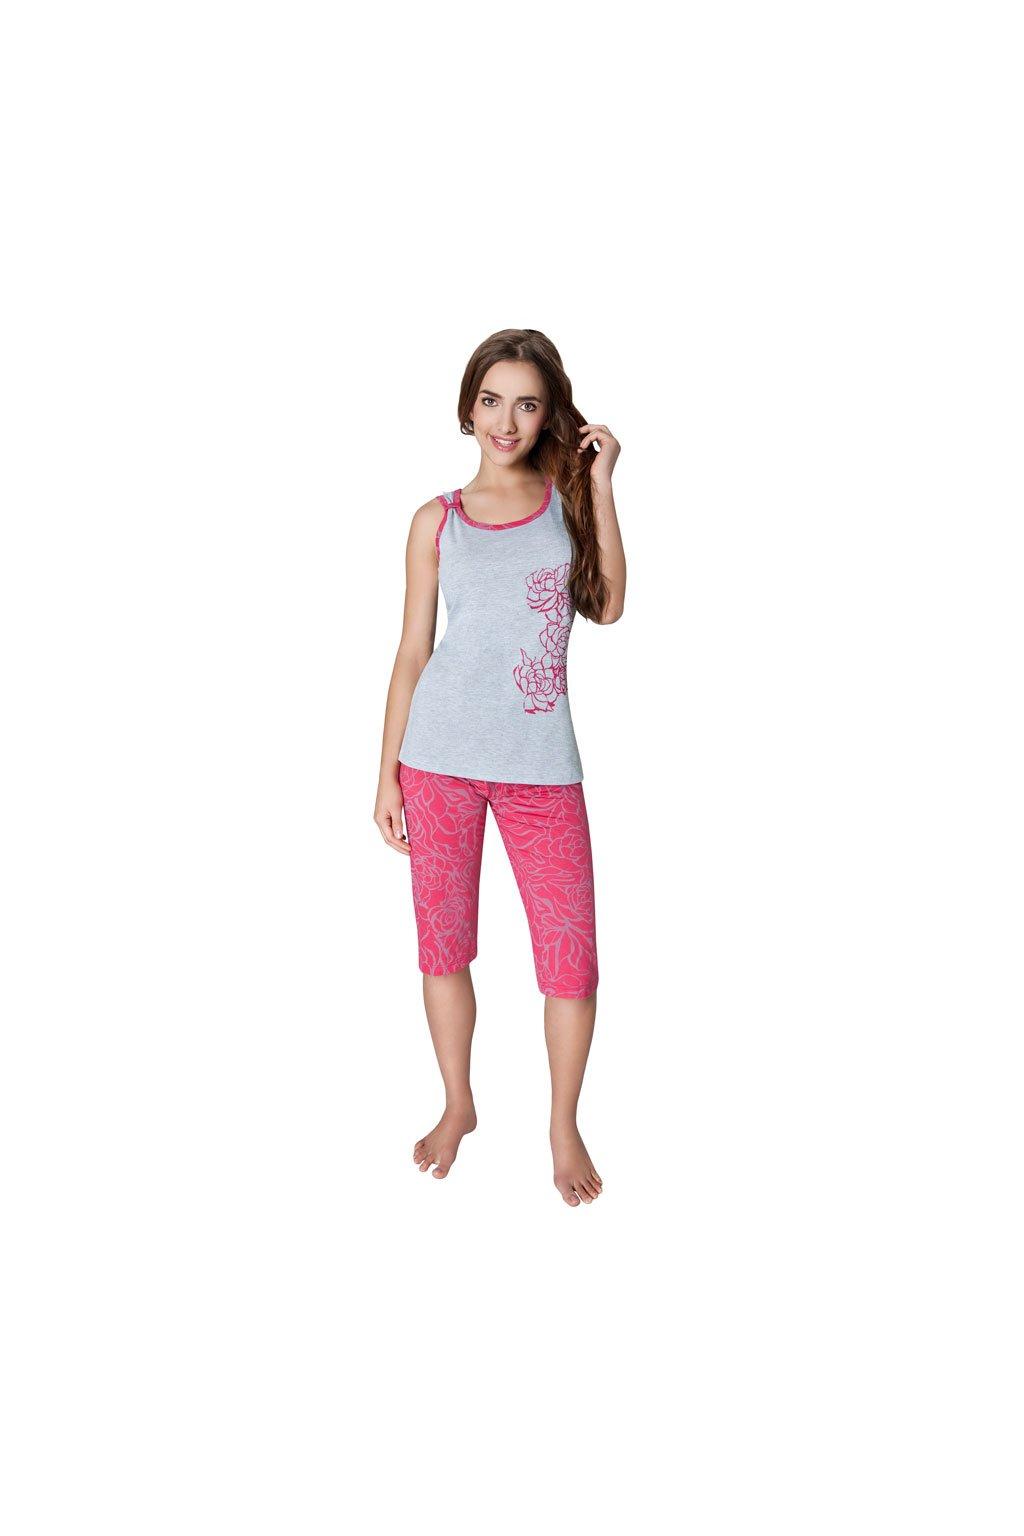 Dámské pyžamo se širokými ramínky, 104222 714, šedá/růžová